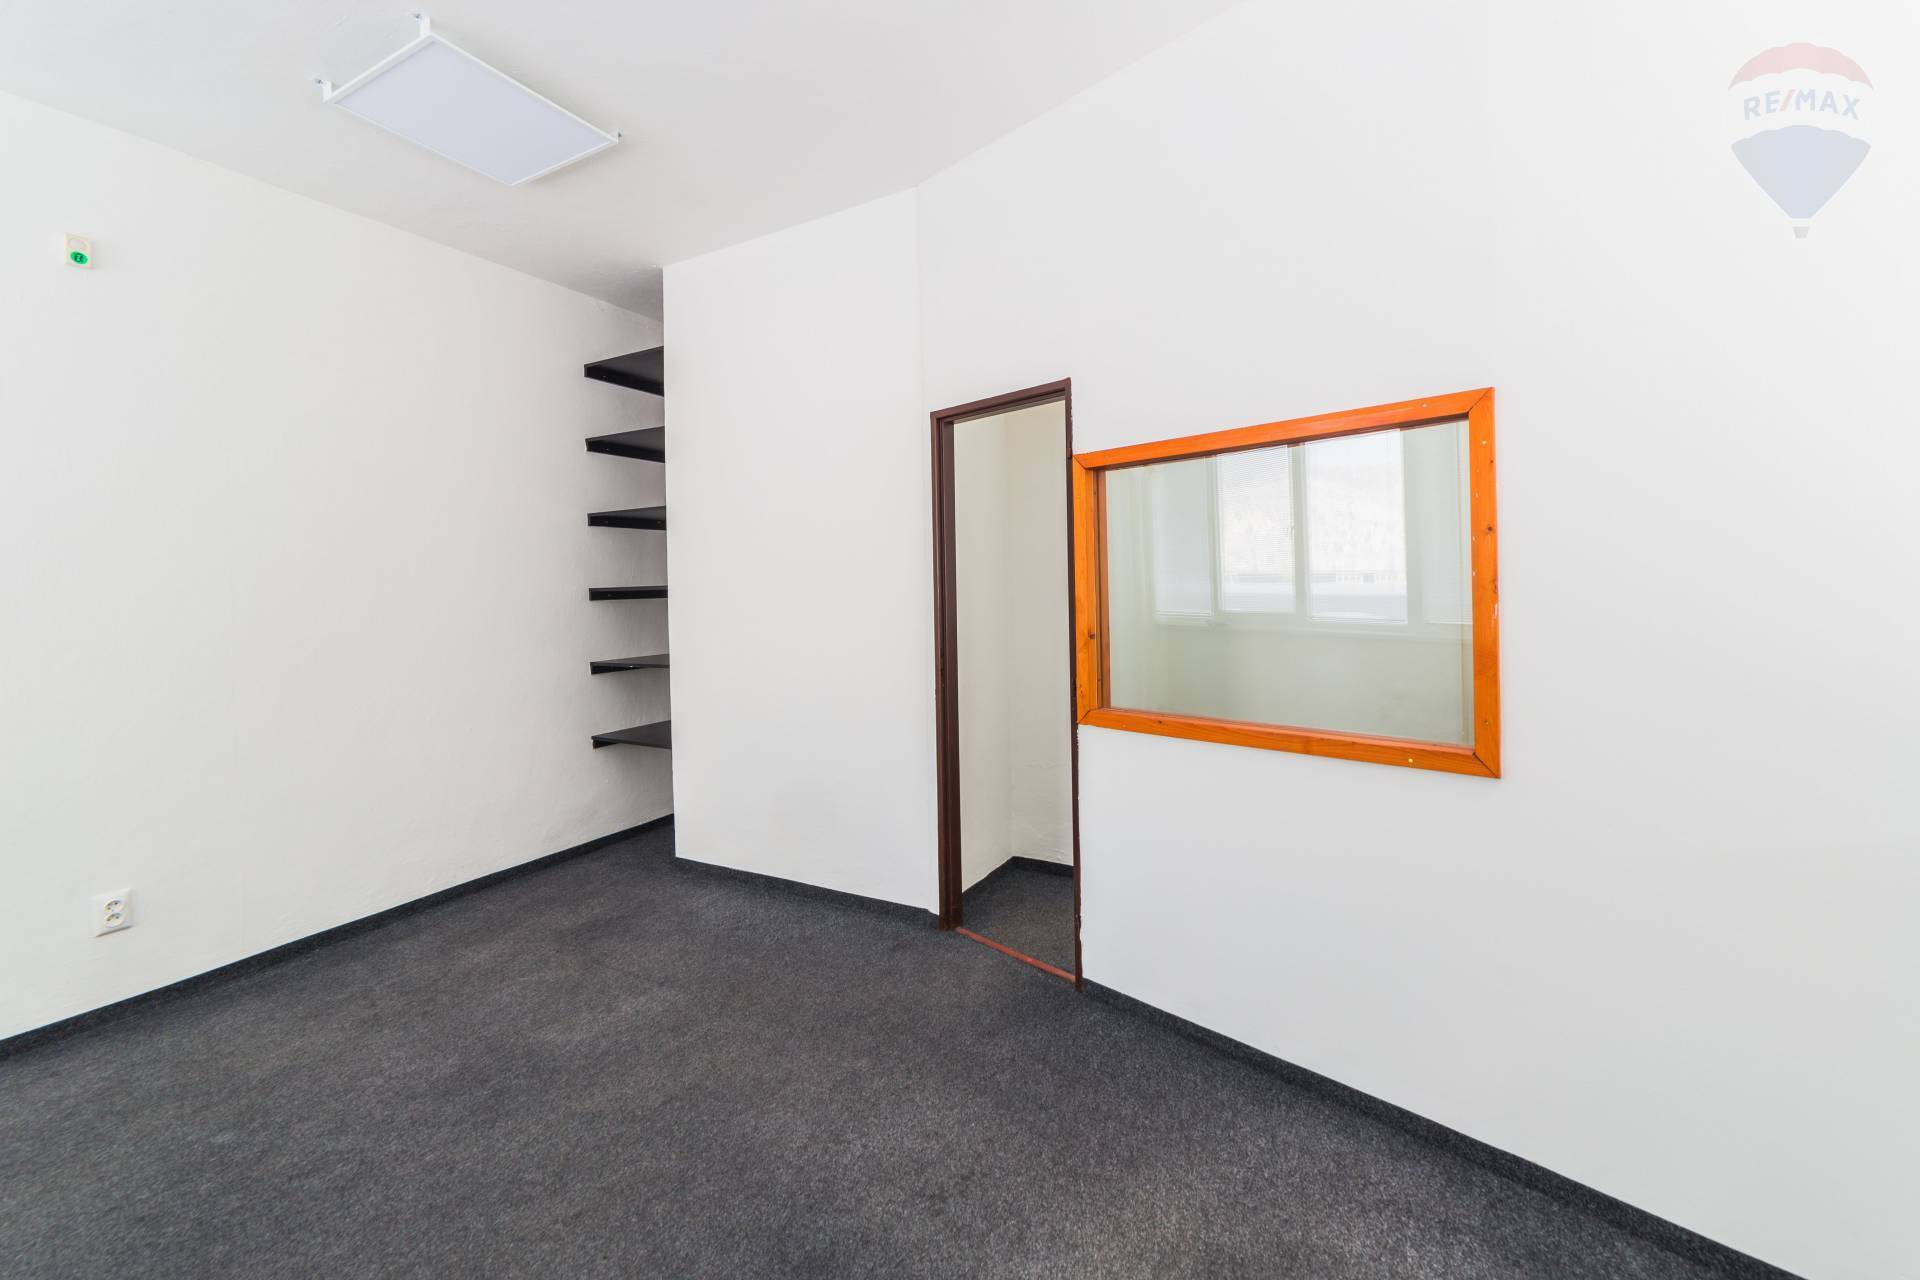 Ponúkame na prenájom kancelársky priestor na Zvolenskej ceste v Banskej Bystrici. 31 m2